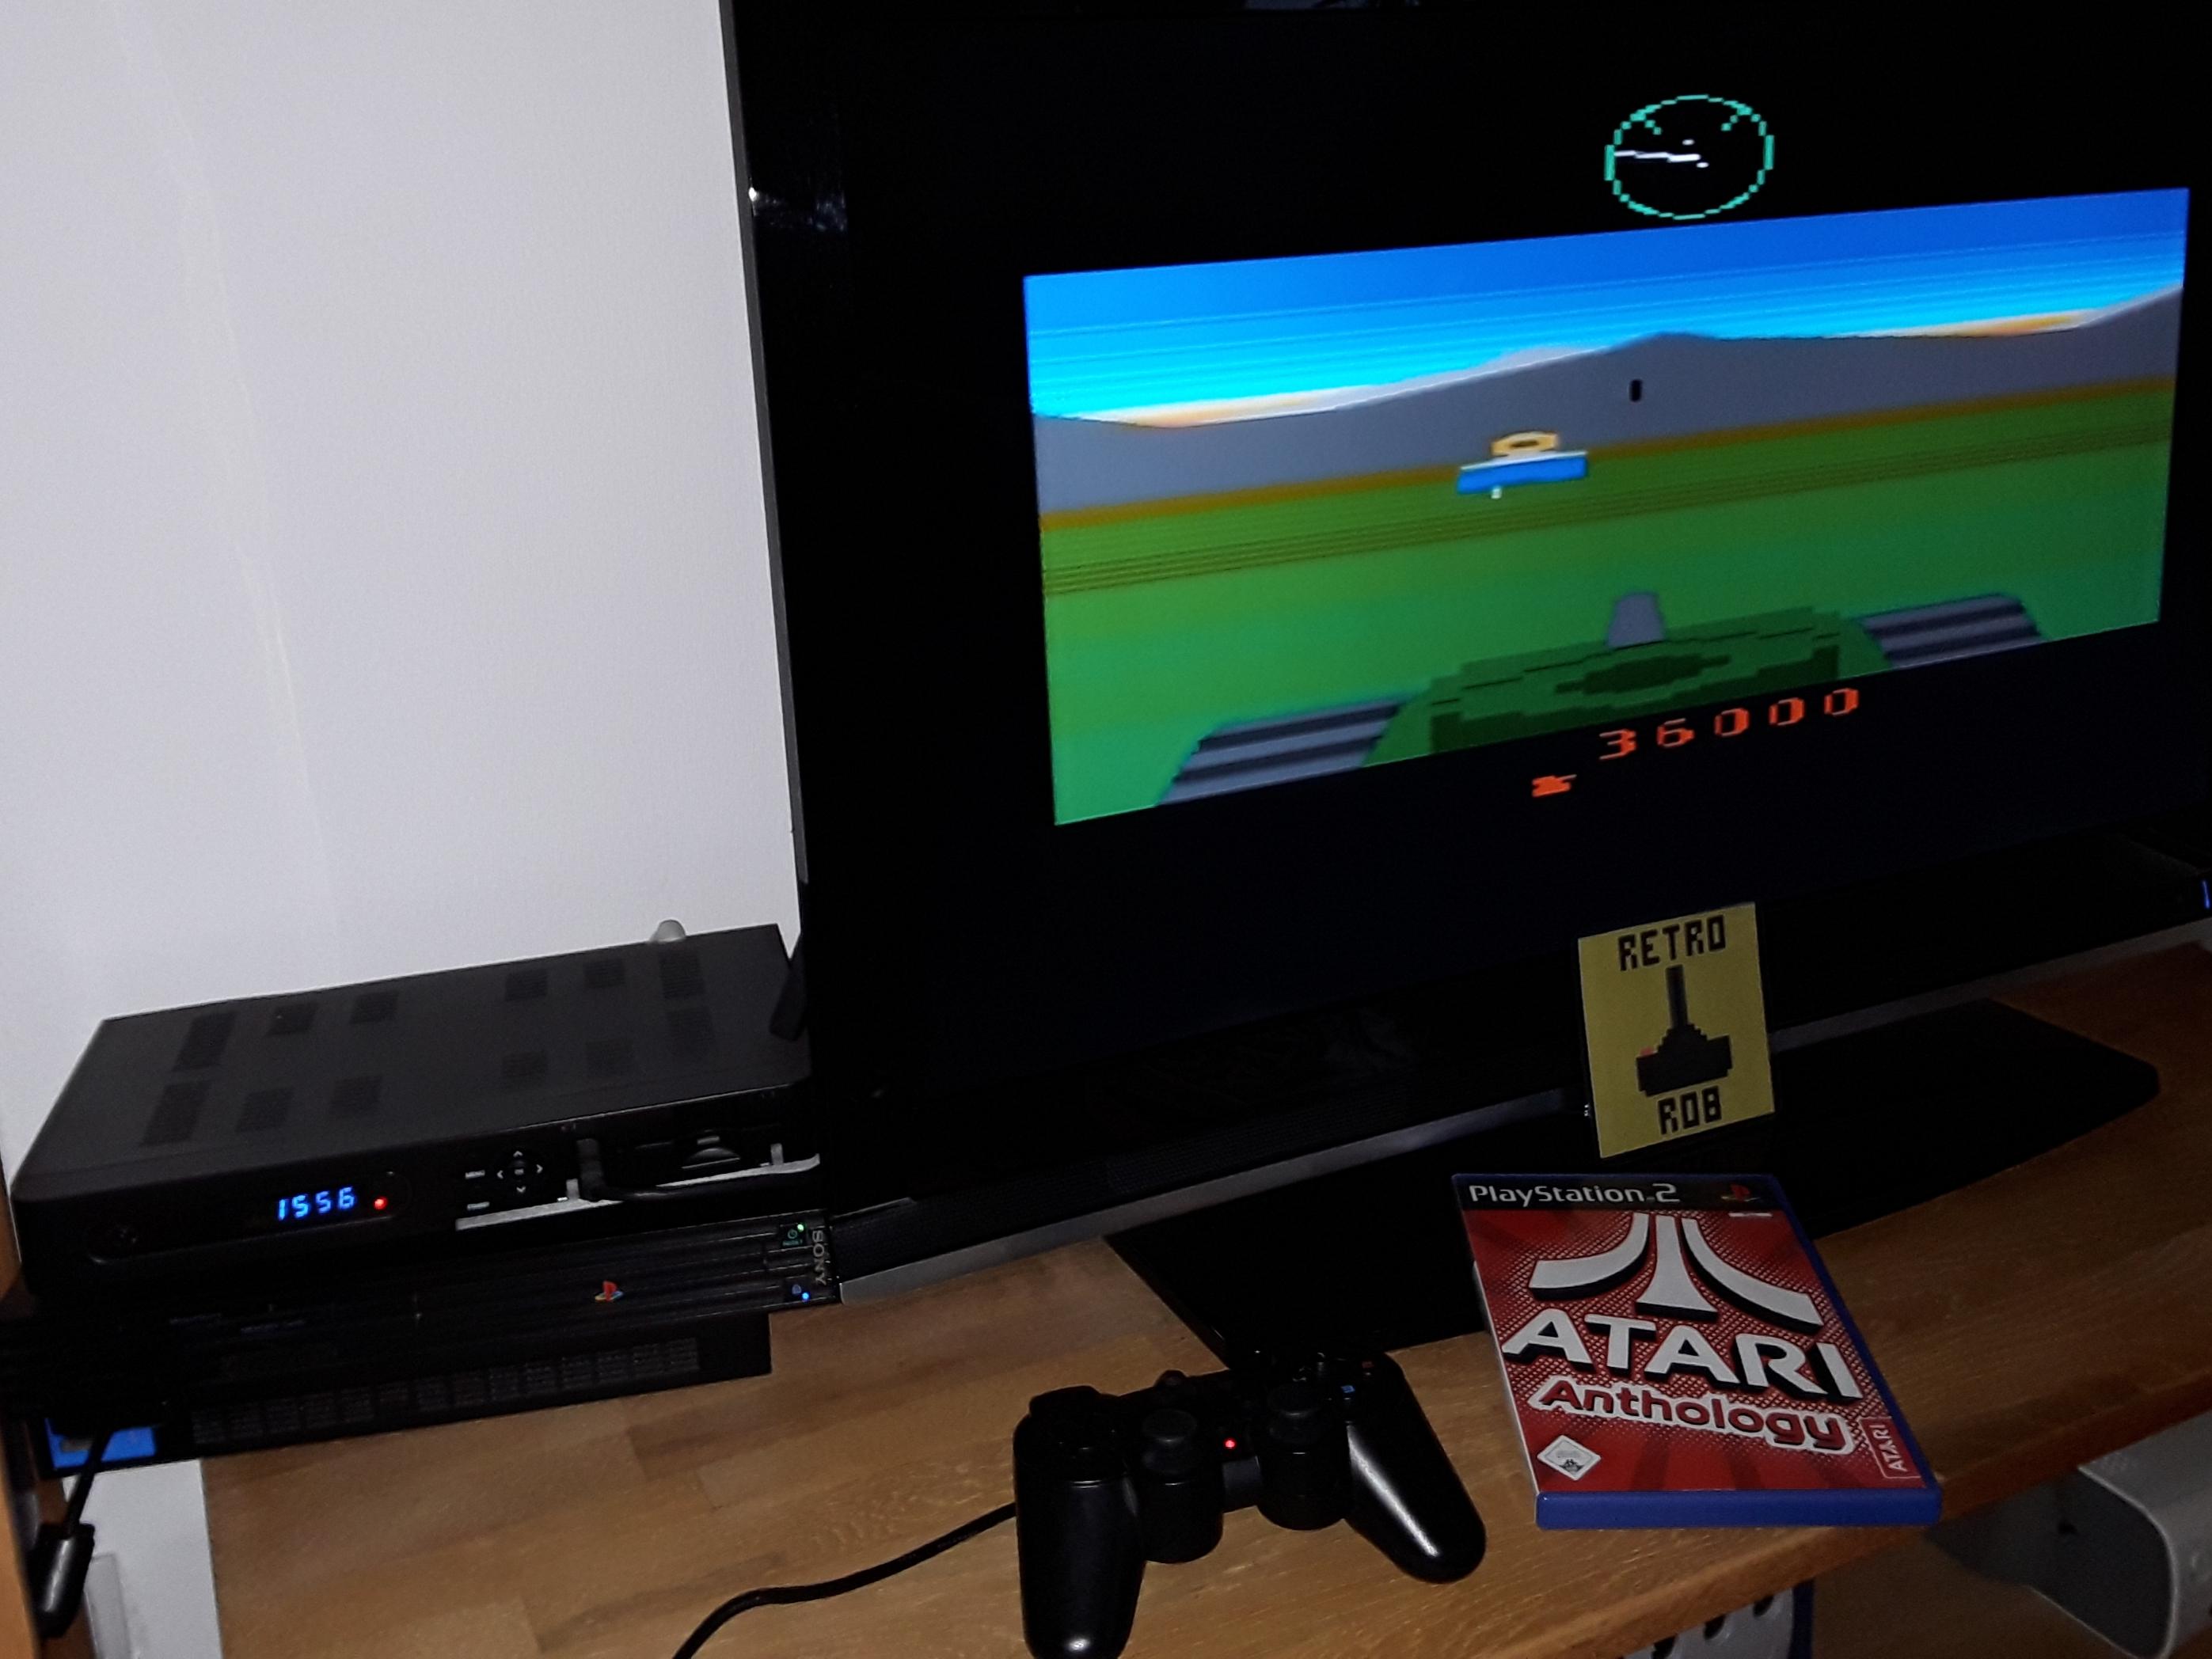 RetroRob: Atari Anthology: Battlezone [2600] (Playstation 2) 36,000 points on 2019-01-13 08:59:36